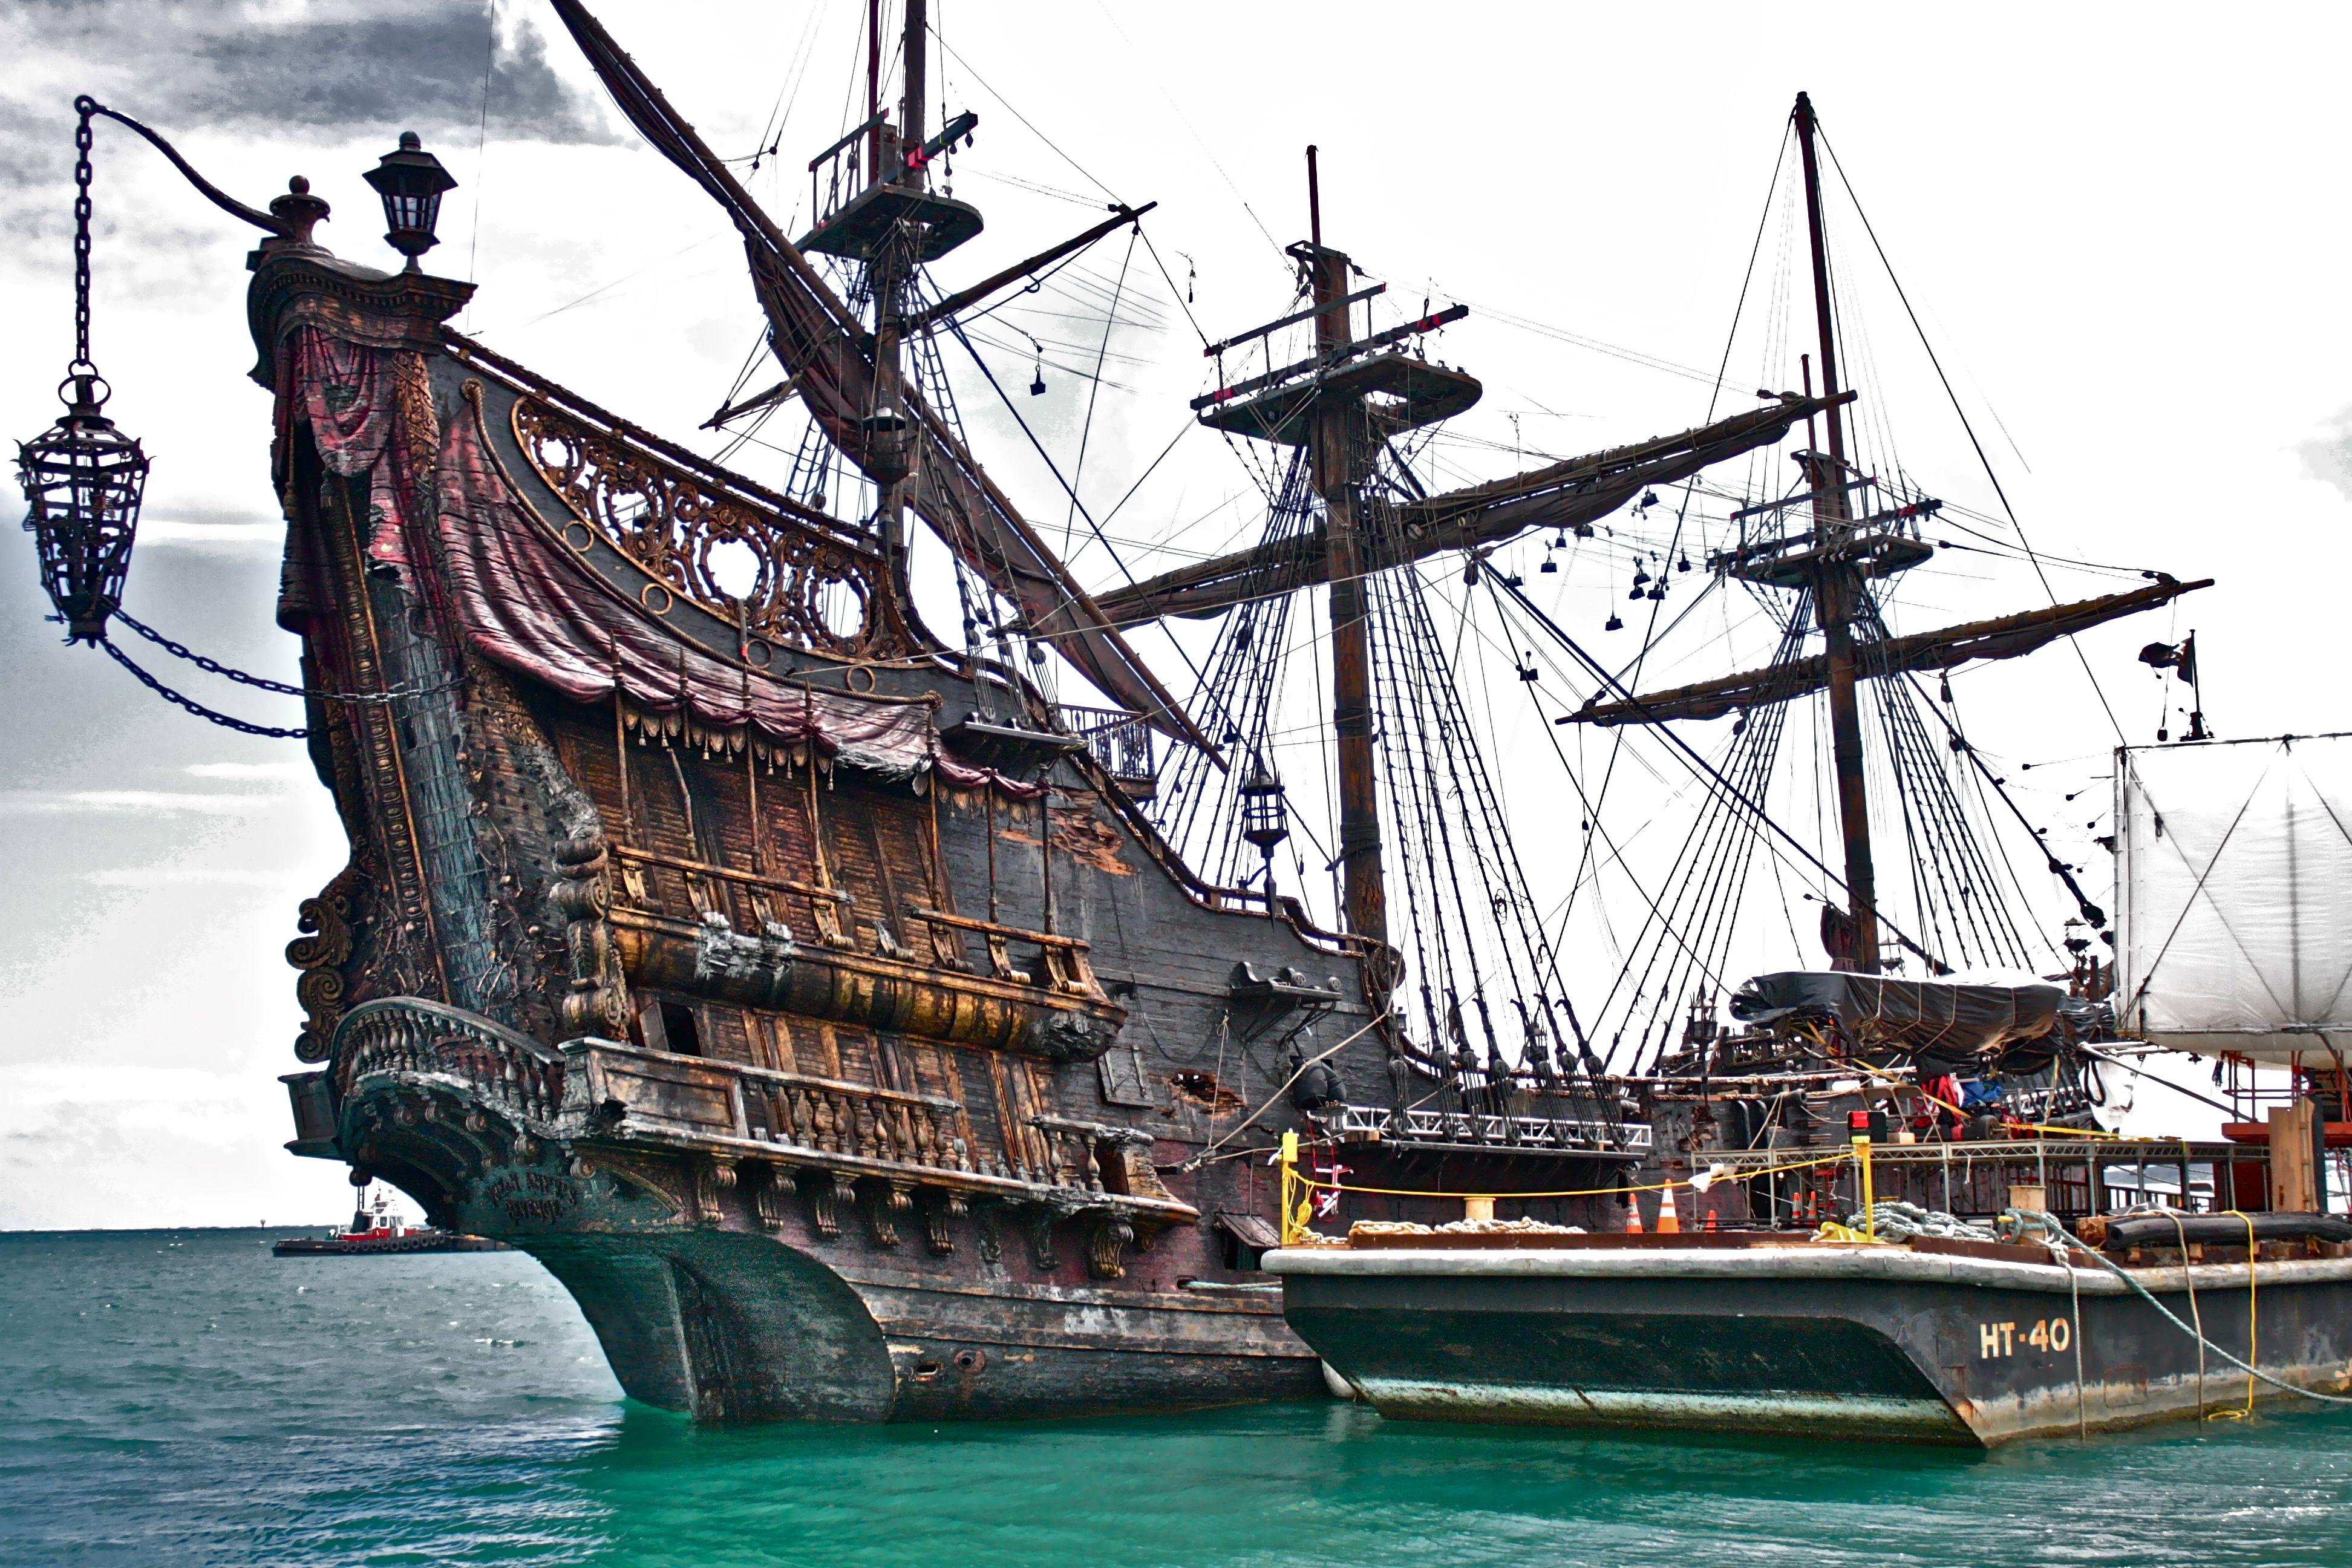 смотреть картинки парусных кораблей редакции появятся вопросы